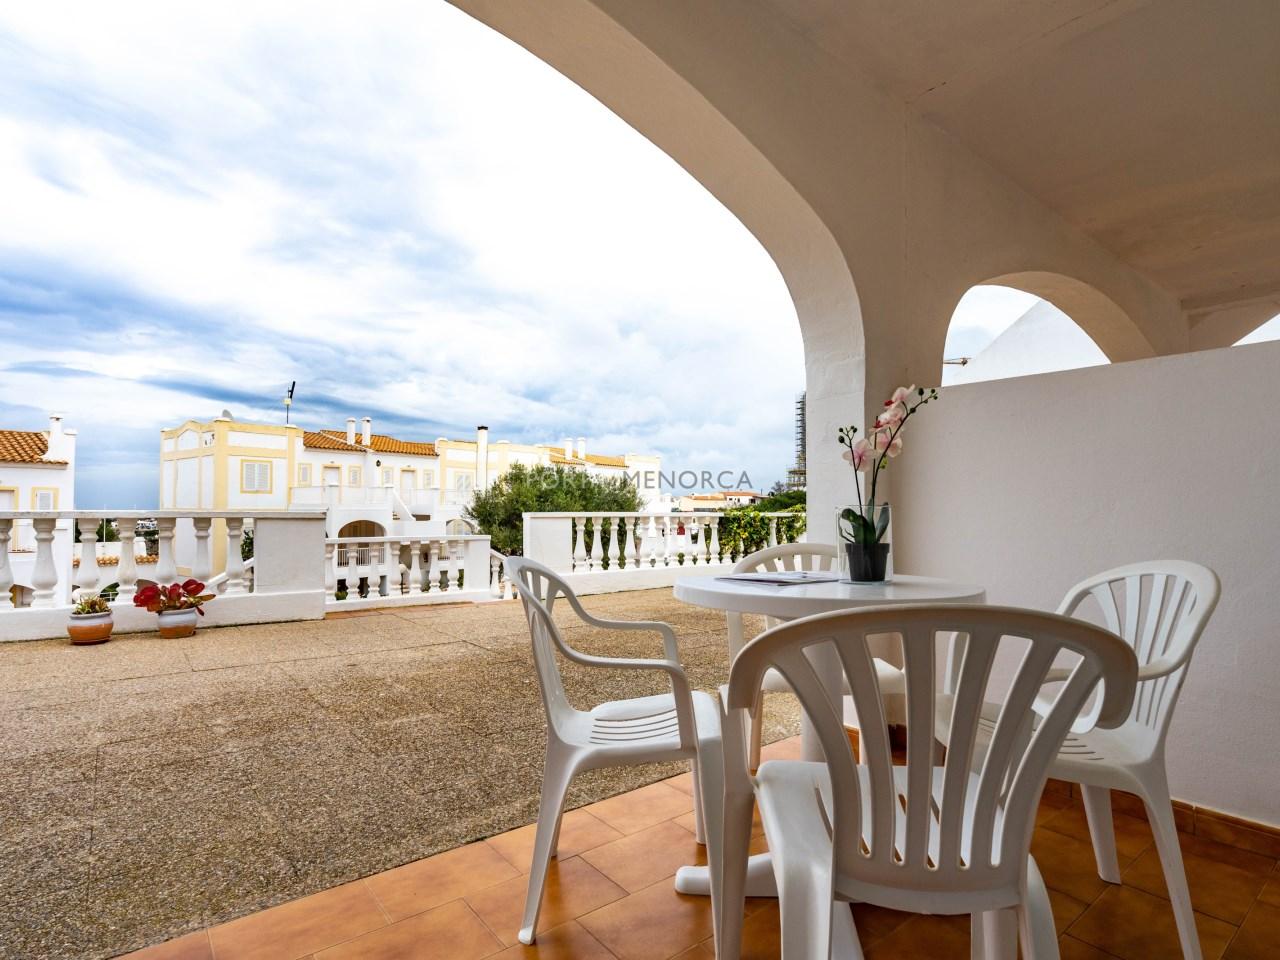 venta apartamento playa menorca (1)